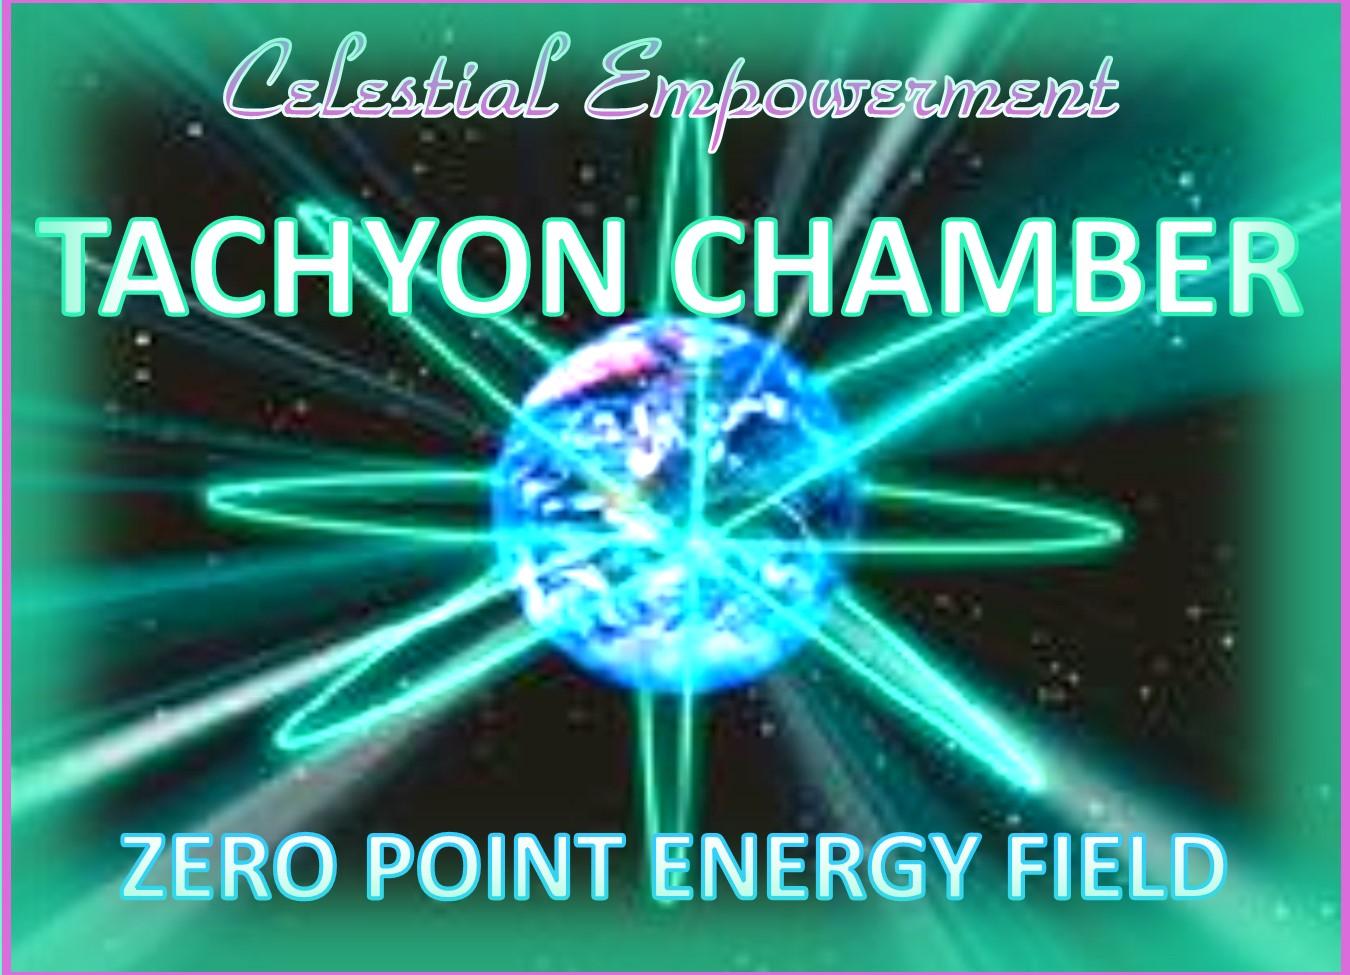 Tachyon Chamber logo